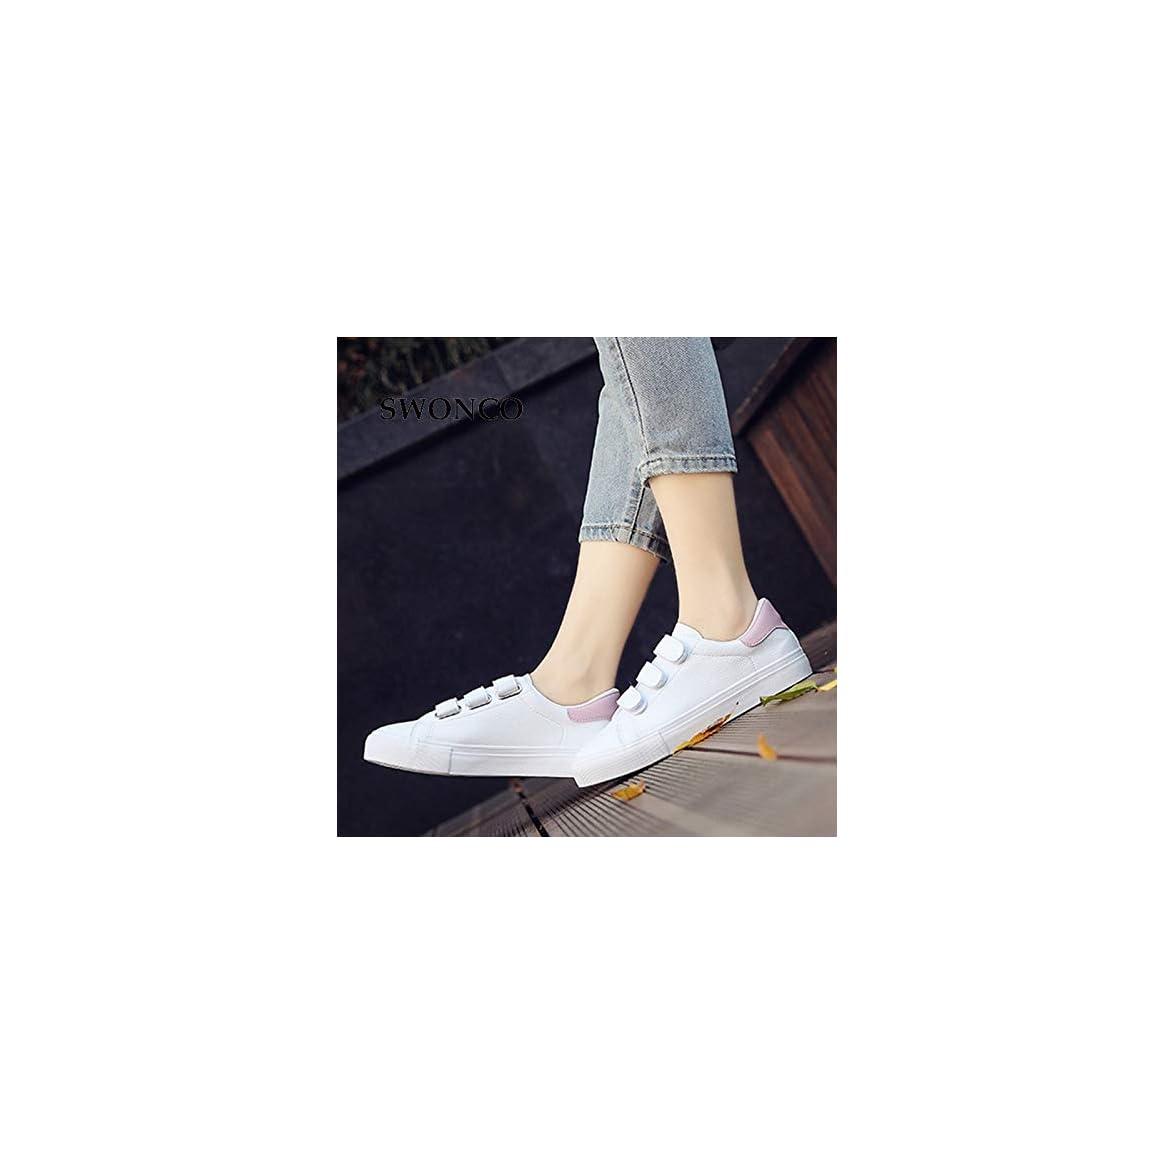 Ysfu Sneaker Scarpe Da Ginnastica Delle Donne Vulcanizzate Sportive Caramelle Colore Tela All'uncinetto Bianche Donna Suole